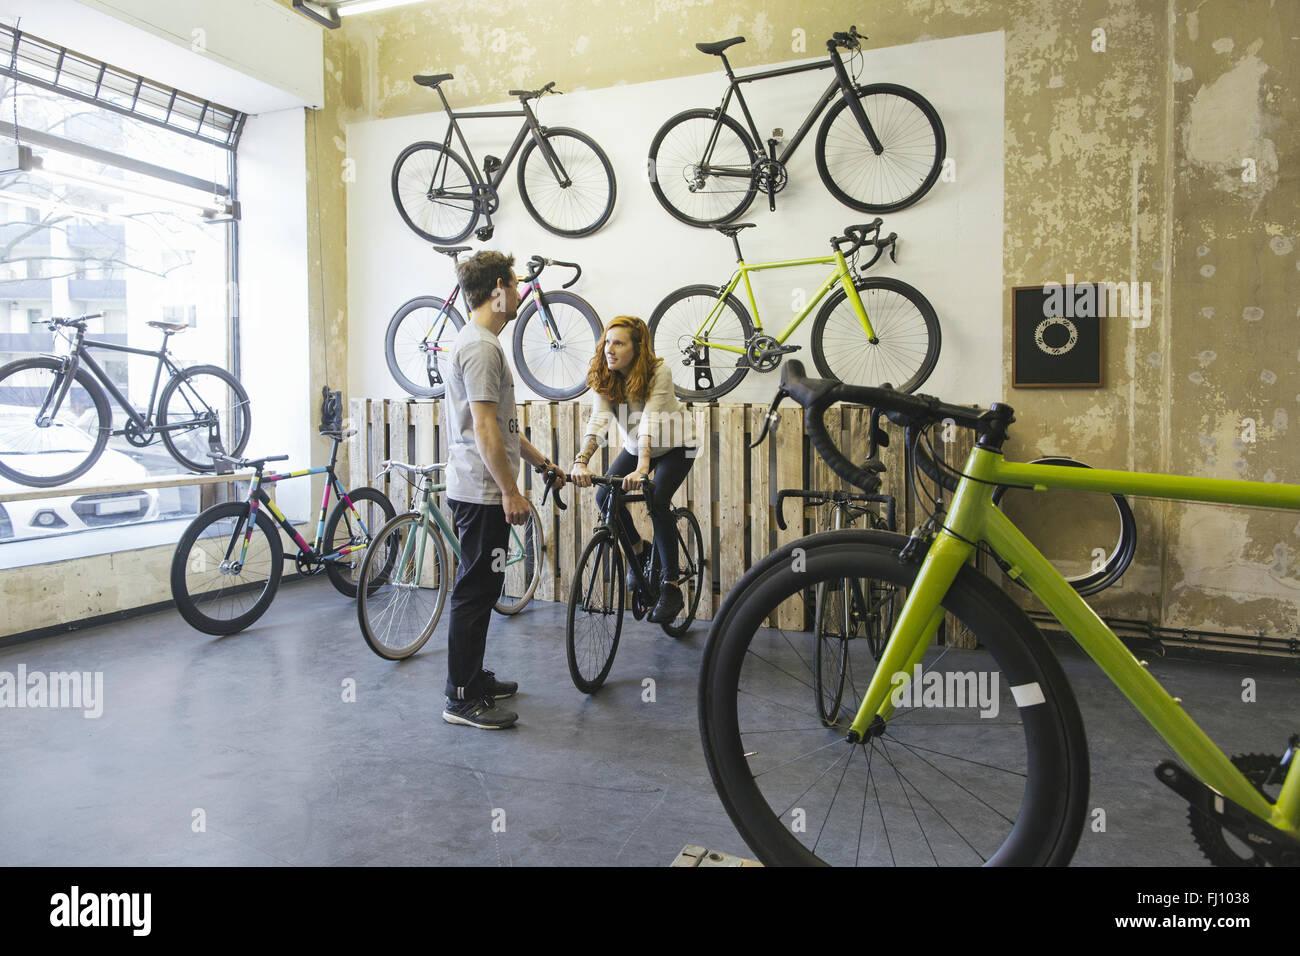 Kunden, die Renn-Testzyklus in eine maßgeschneiderte Fahrradladen Stockbild